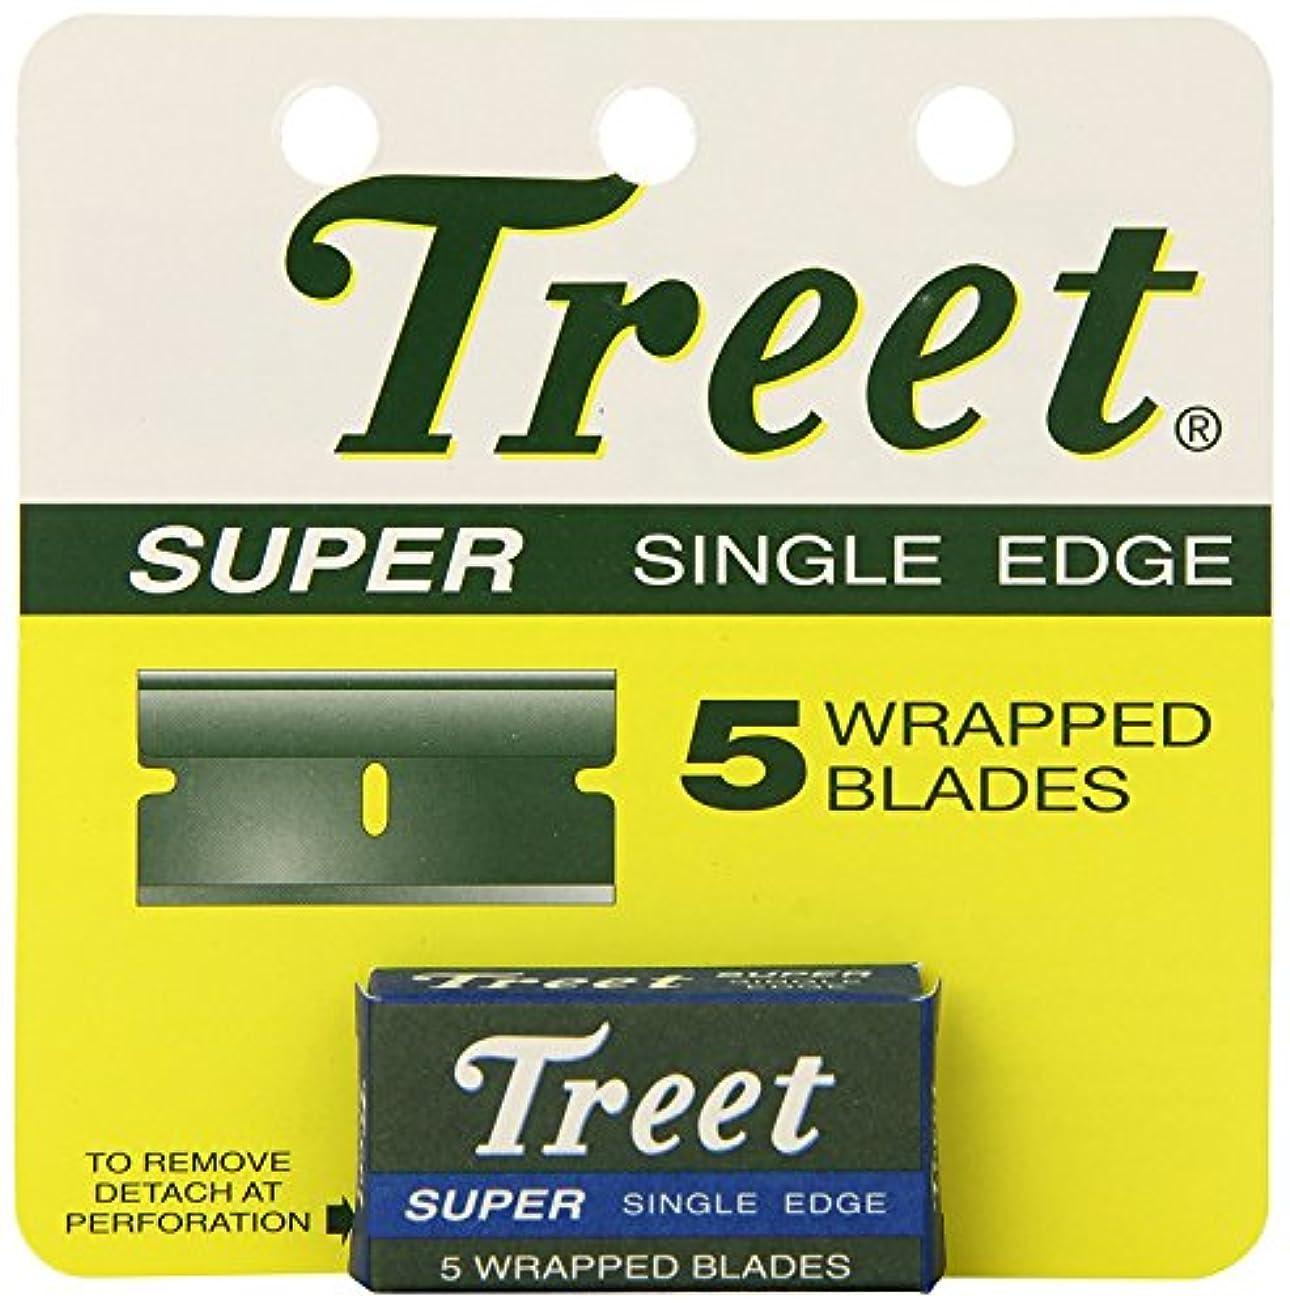 自治タヒチ加速度Treet スーパー シングル ブレード 替刃 5枚入り [並行輸入品]